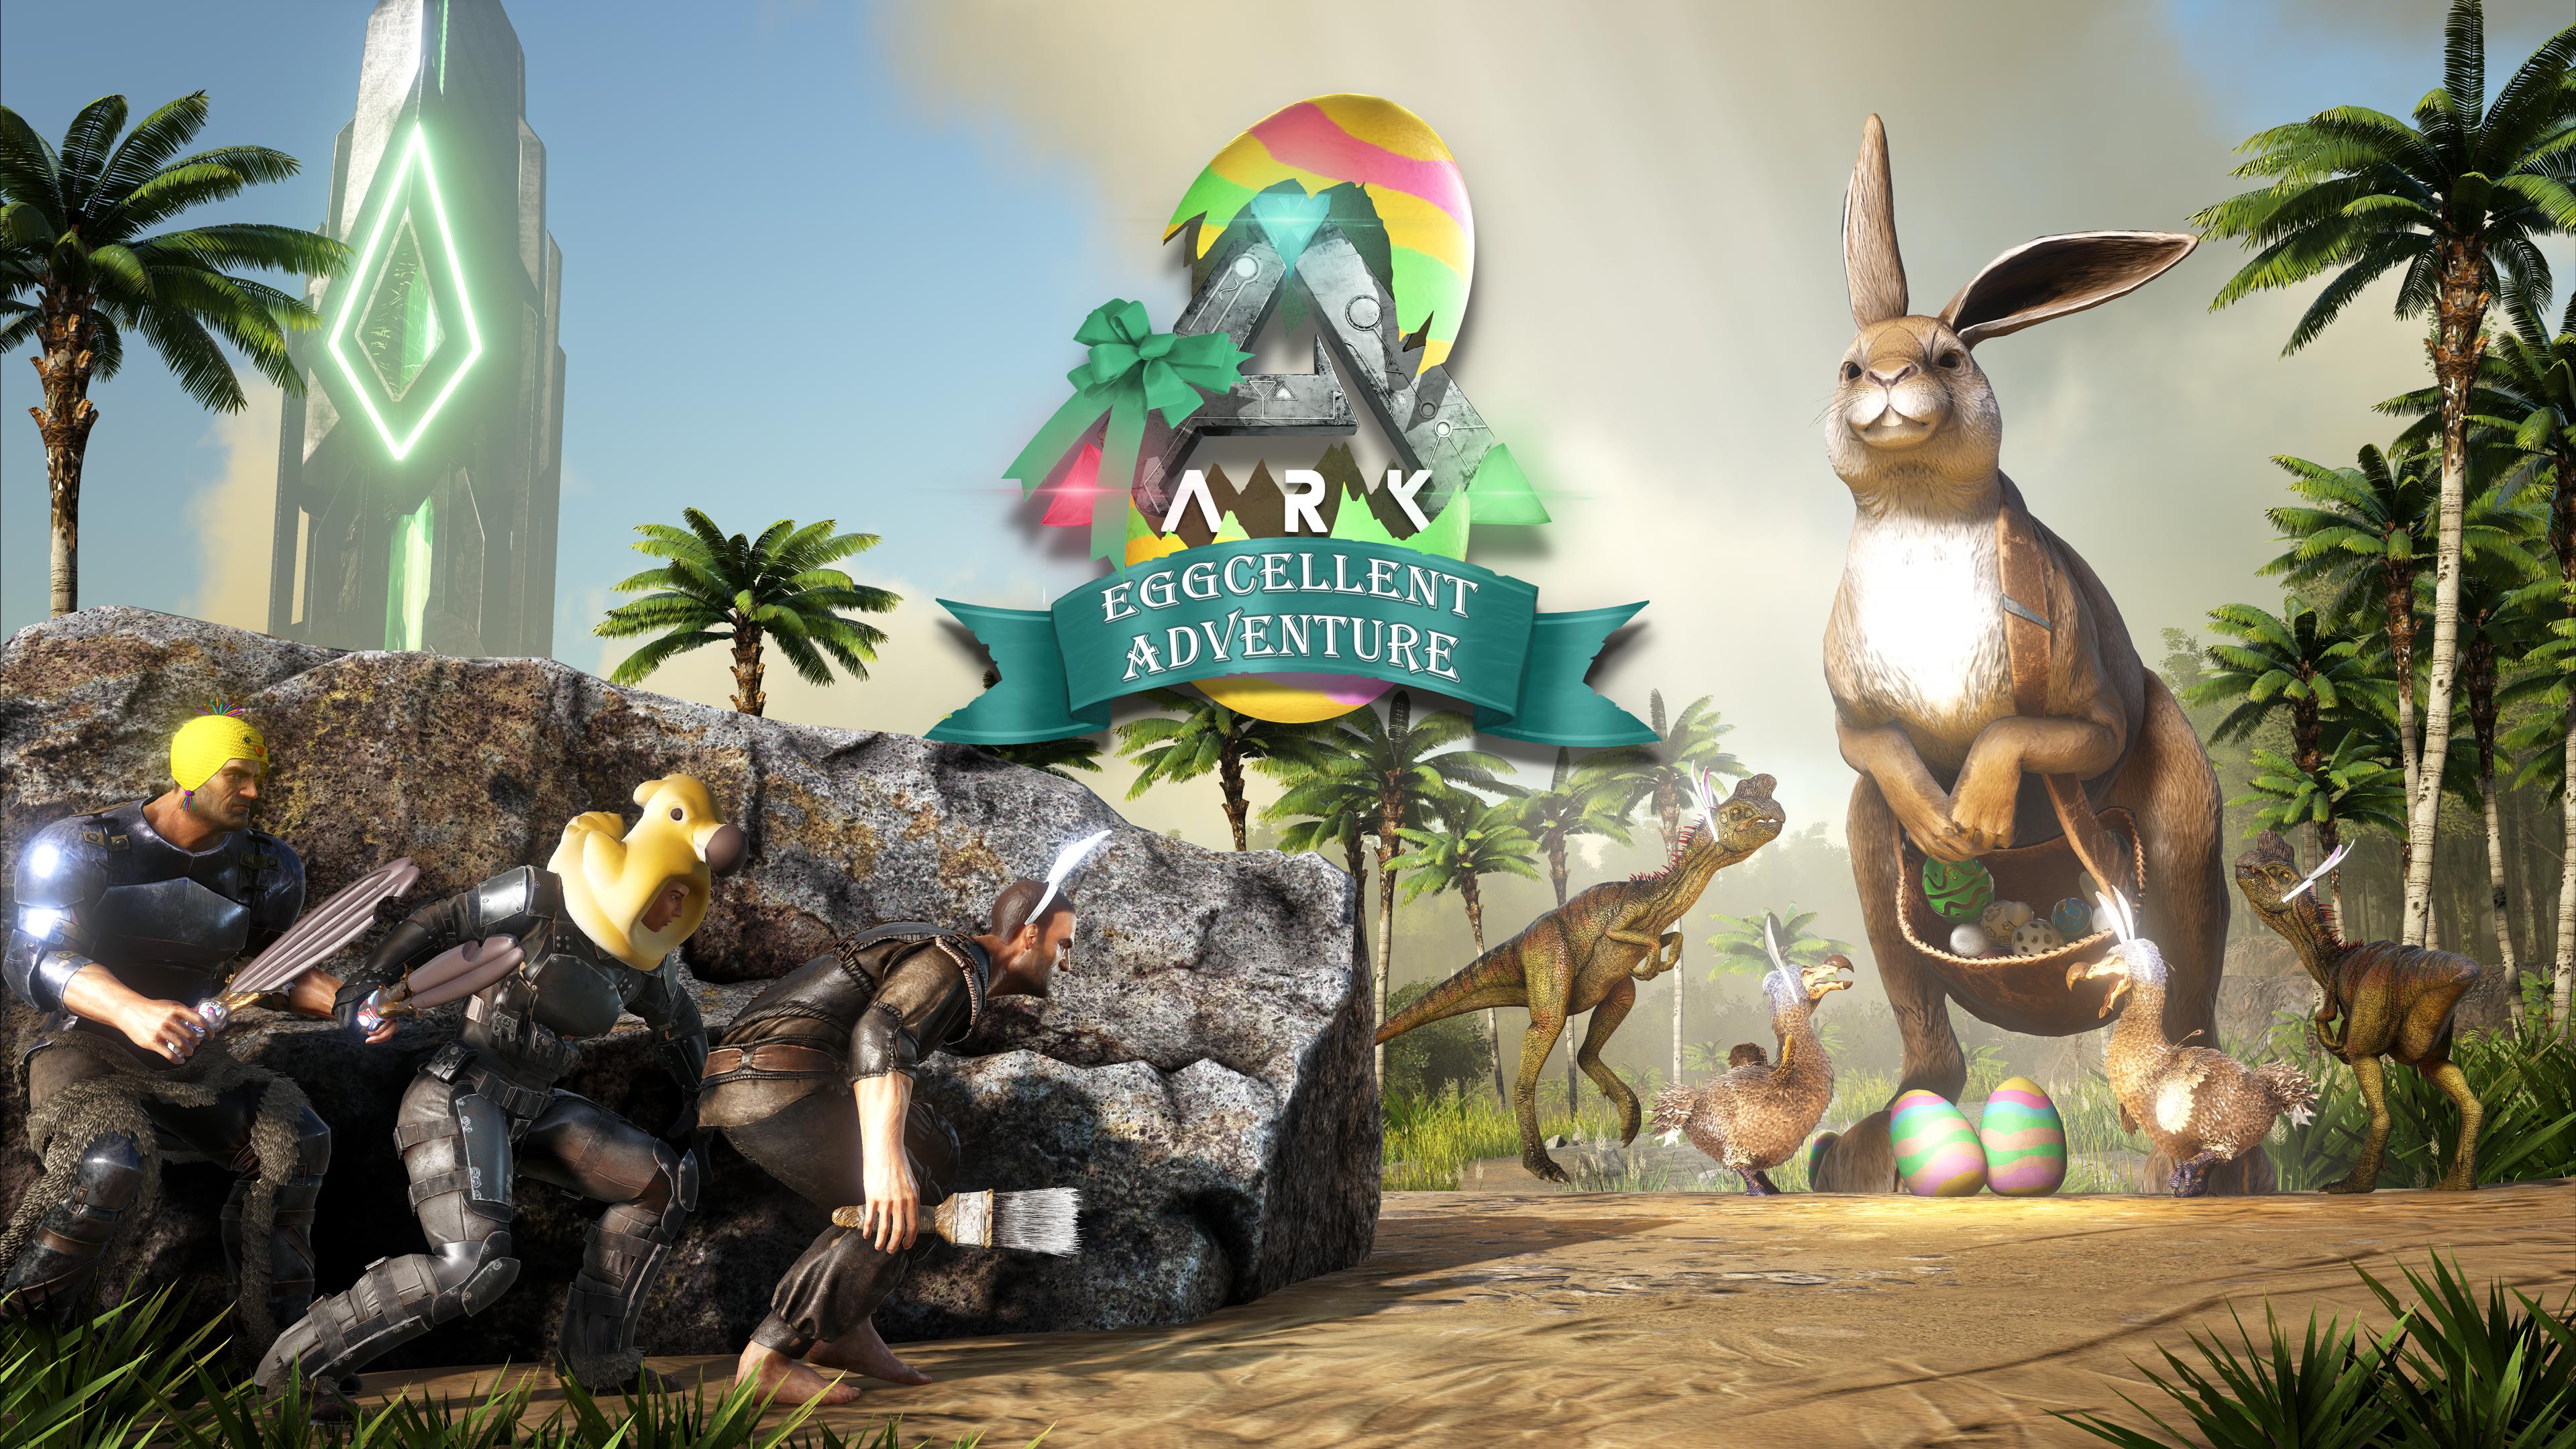 ark-survival-evolved-celebra-a-pascua-con-el-retorno-del-evento-de-aventura-eggelente-frikigamers.com.png